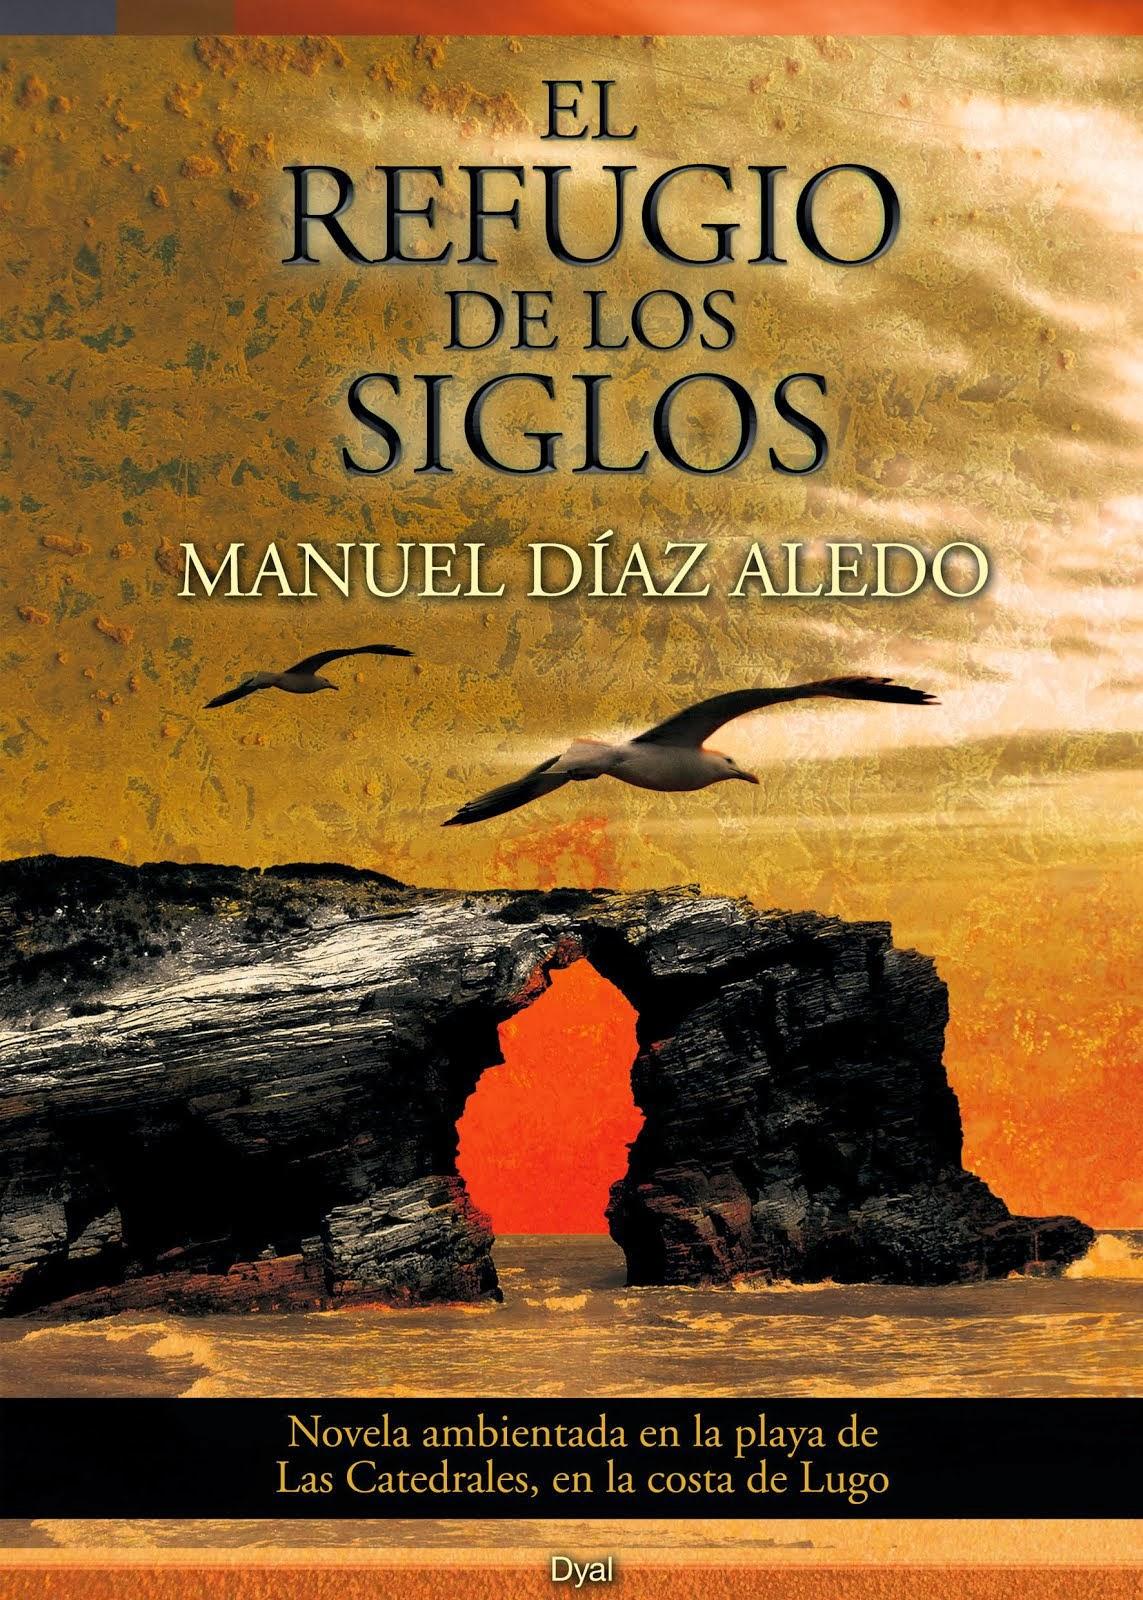 EL REFUGIO DE LOS SIGLOS